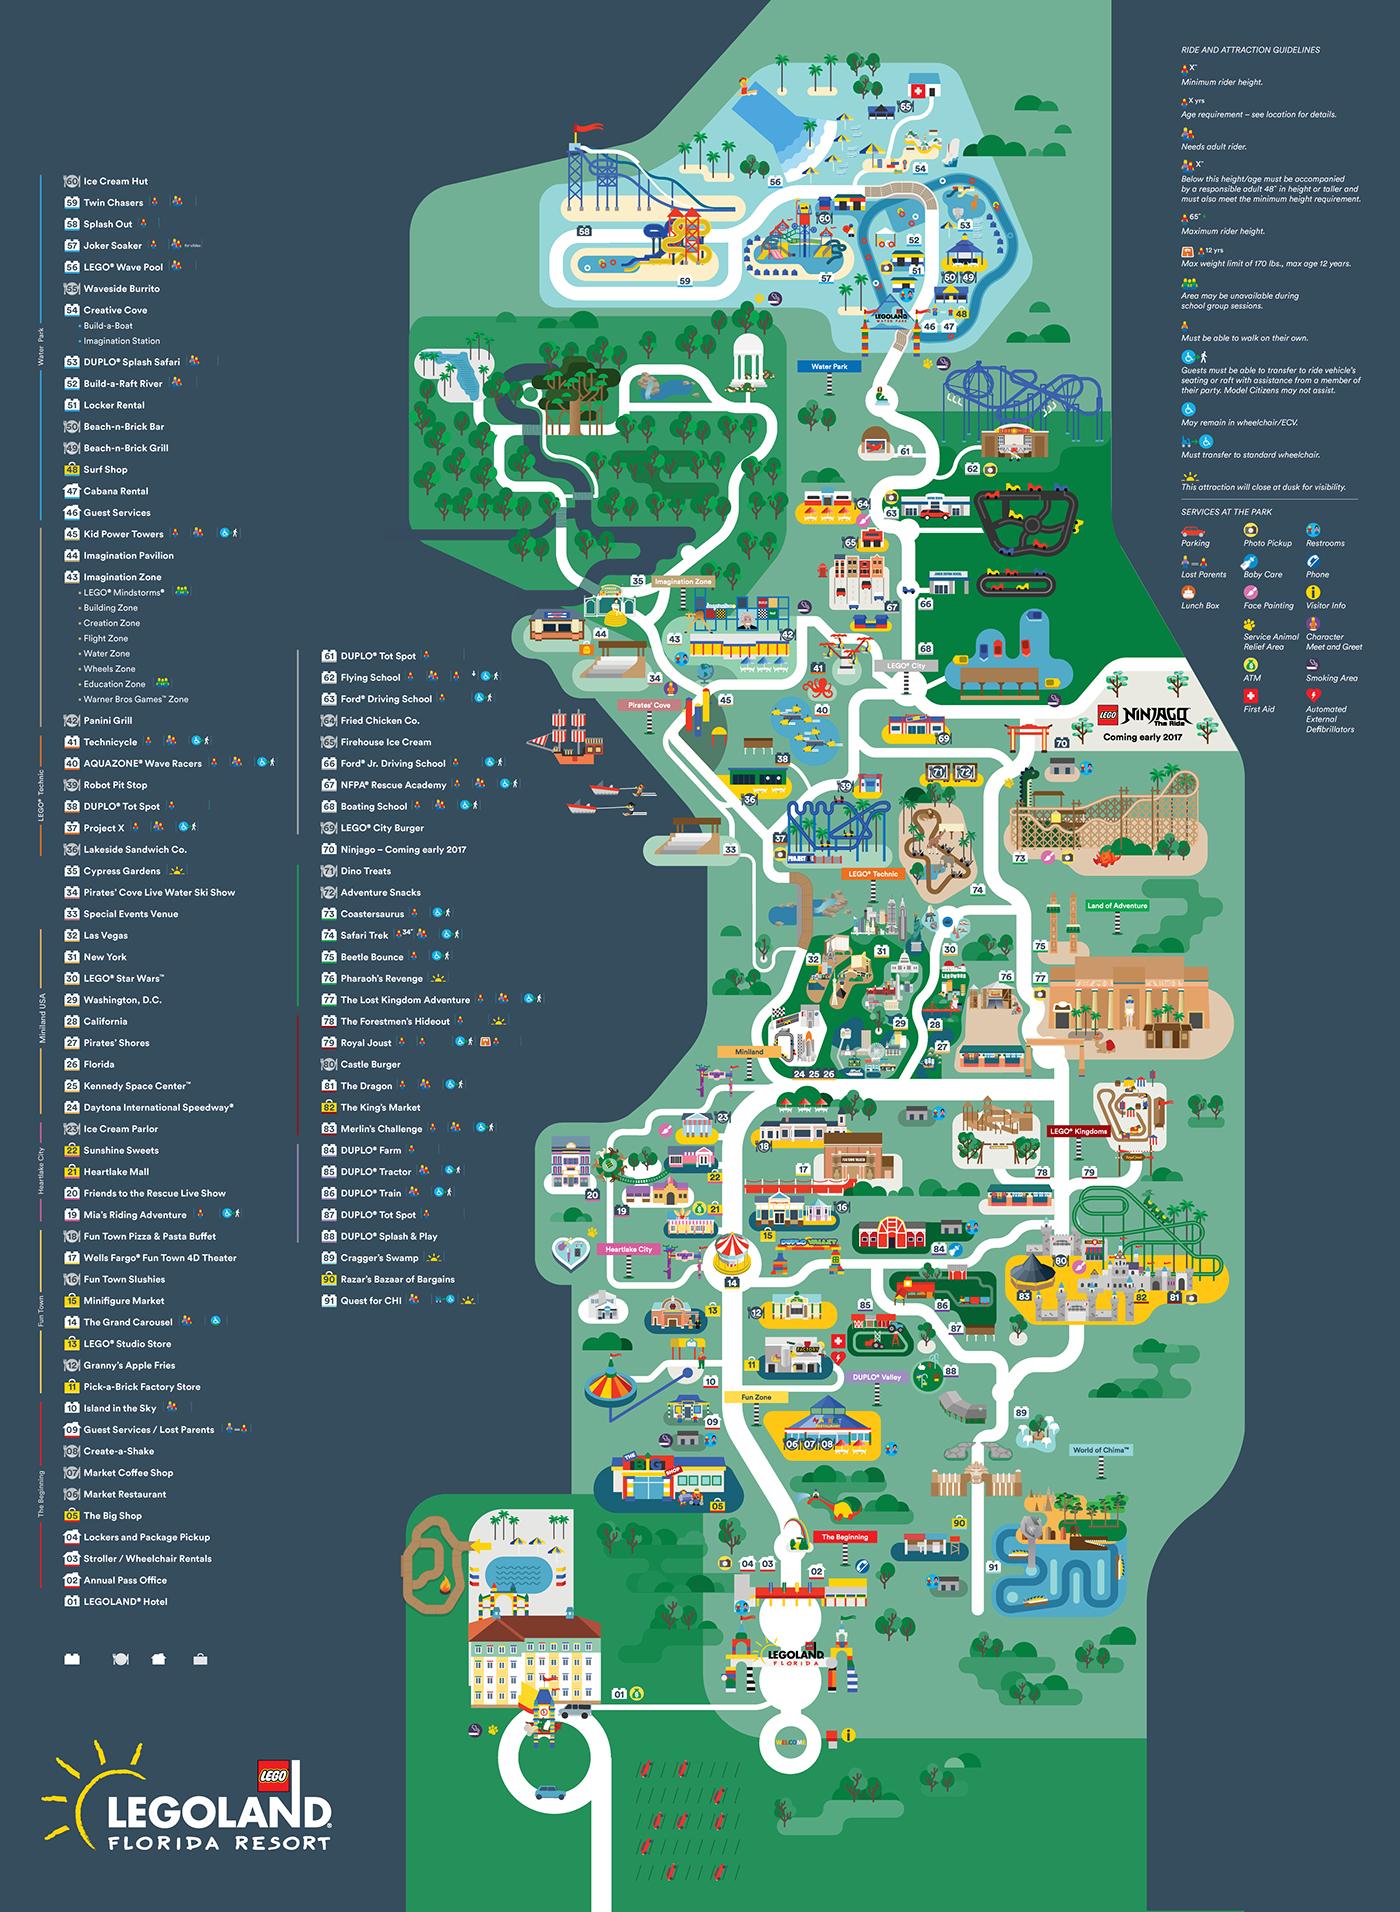 Legoland Florida Map 2016 On Behance - Florida Map Hotels